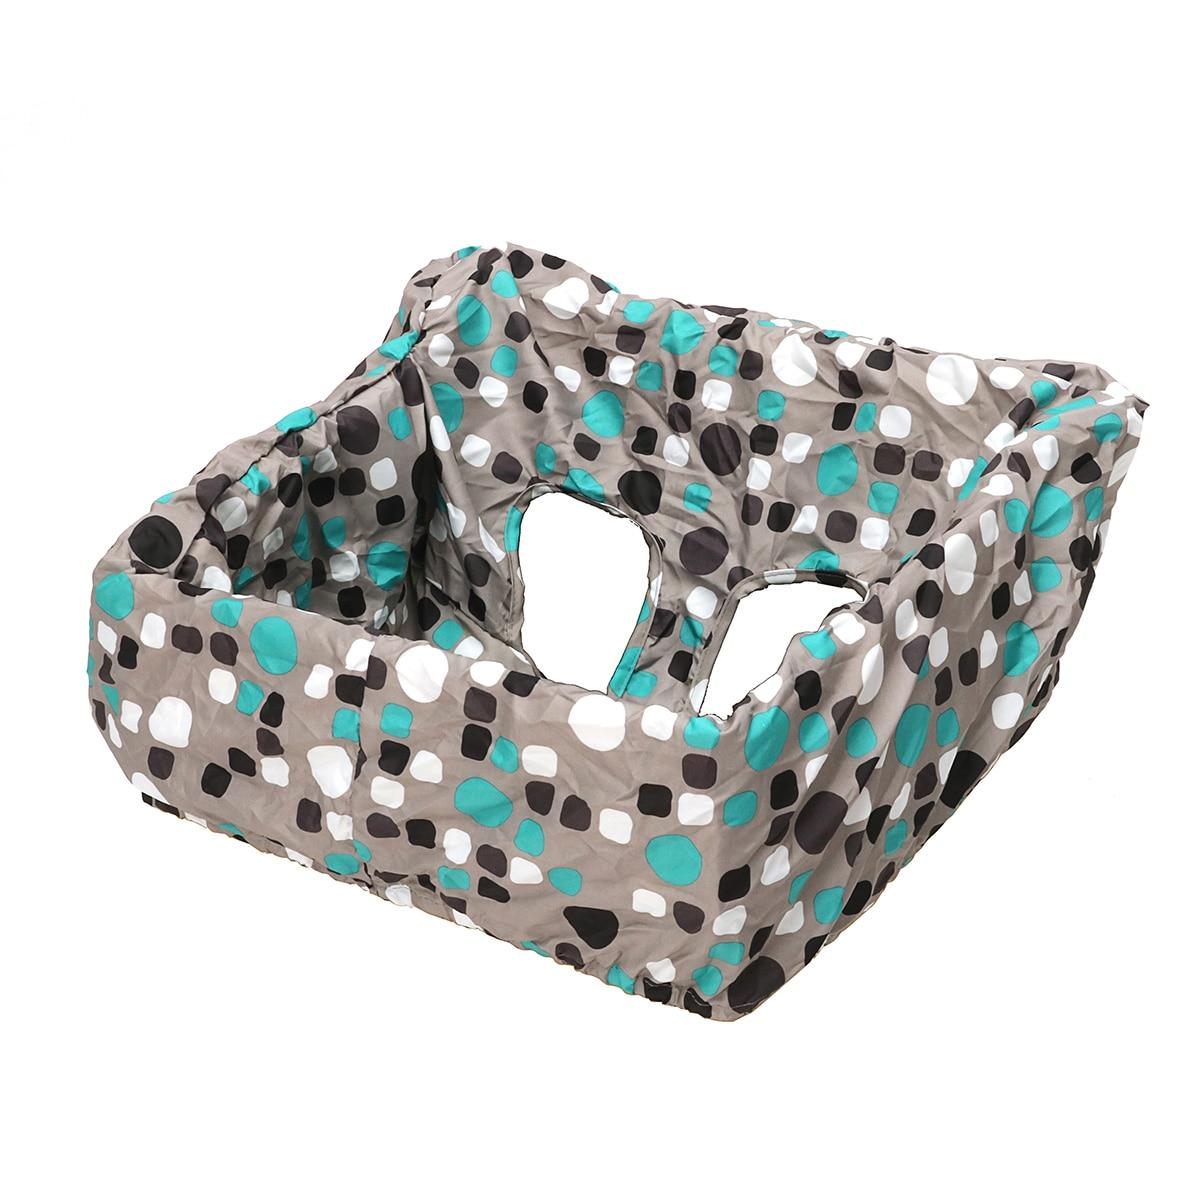 4 типа многофункциональные детские складные Защитные чехлы для тележки, мягкие детские защитные сиденья для детей - Цвет: Type D